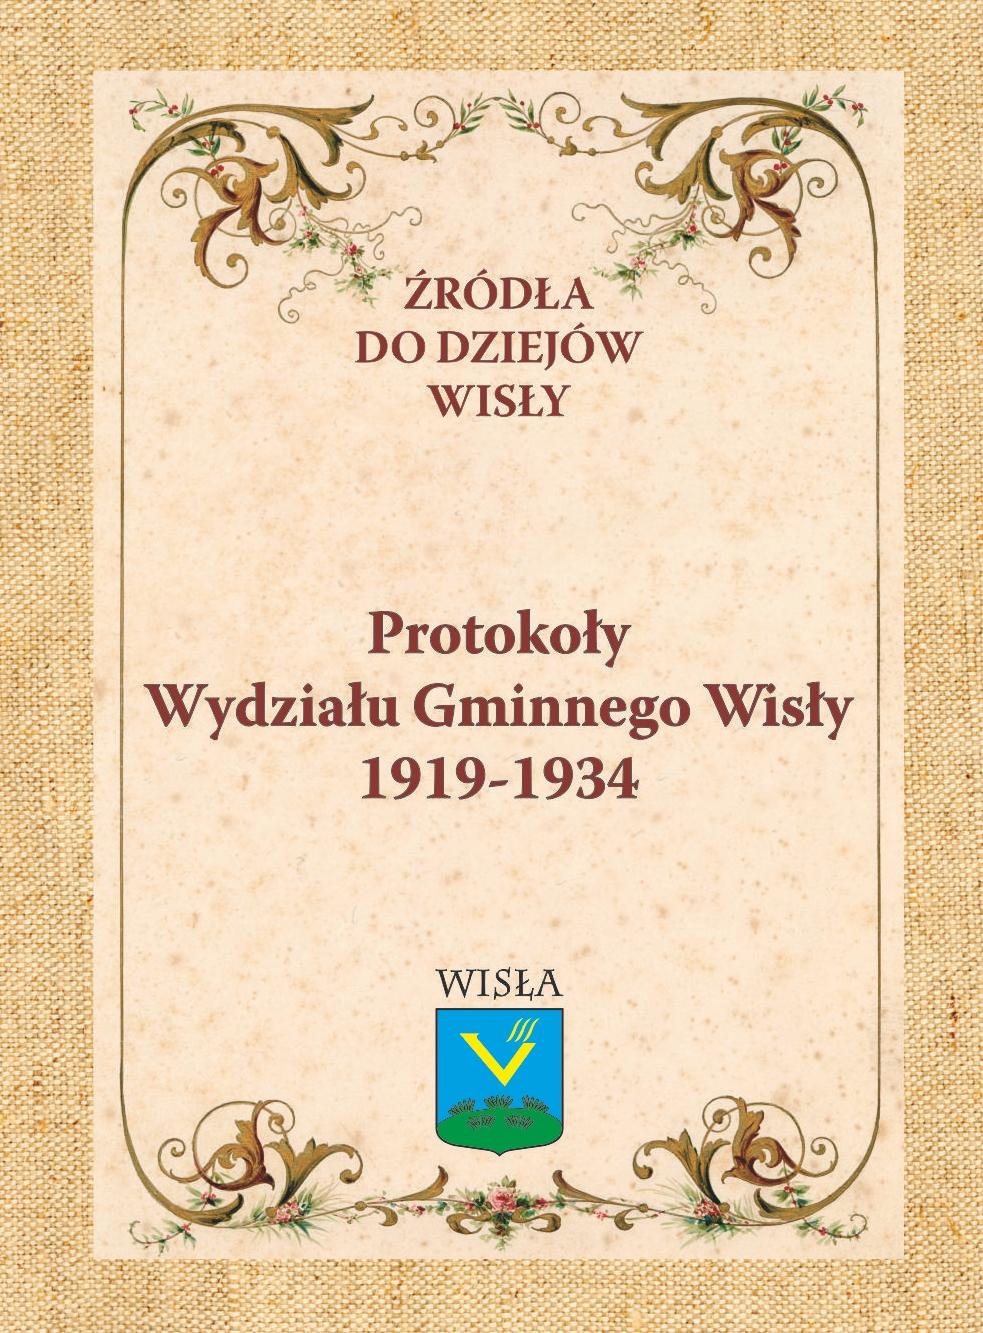 """Źródła z dziejów Wisły """"Protokoły Wydziału Gminnego Wisły 1919-1934"""""""